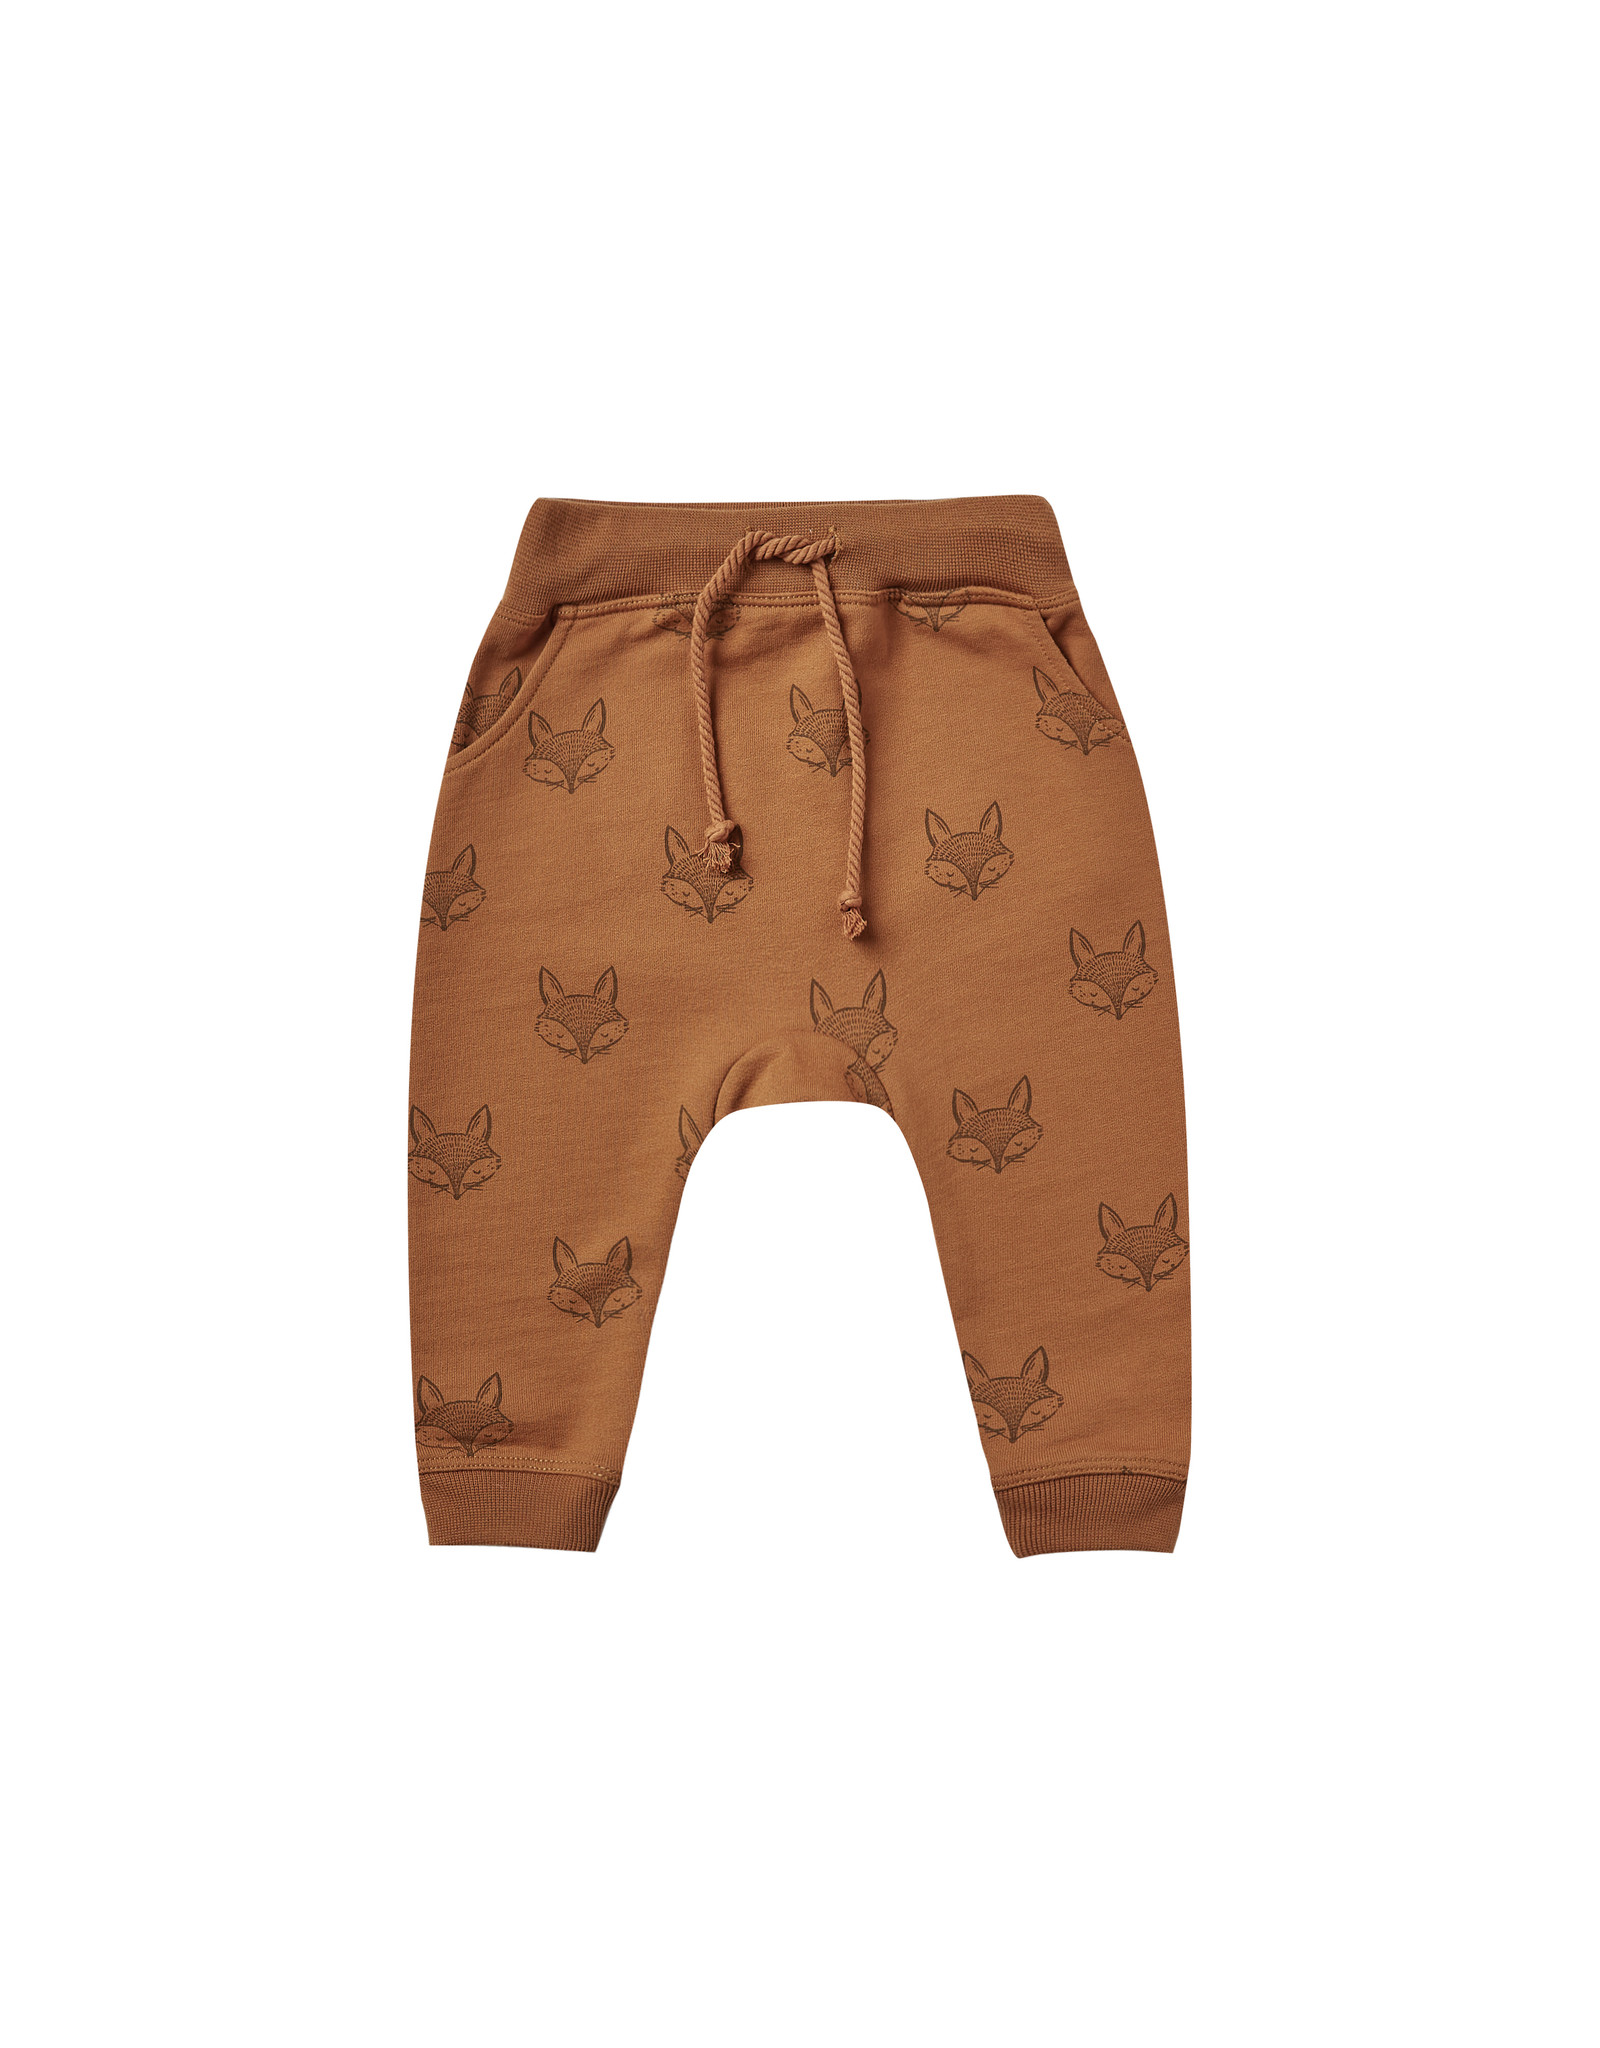 Rylee + Cru Fox Sweatpants - Cinnamon